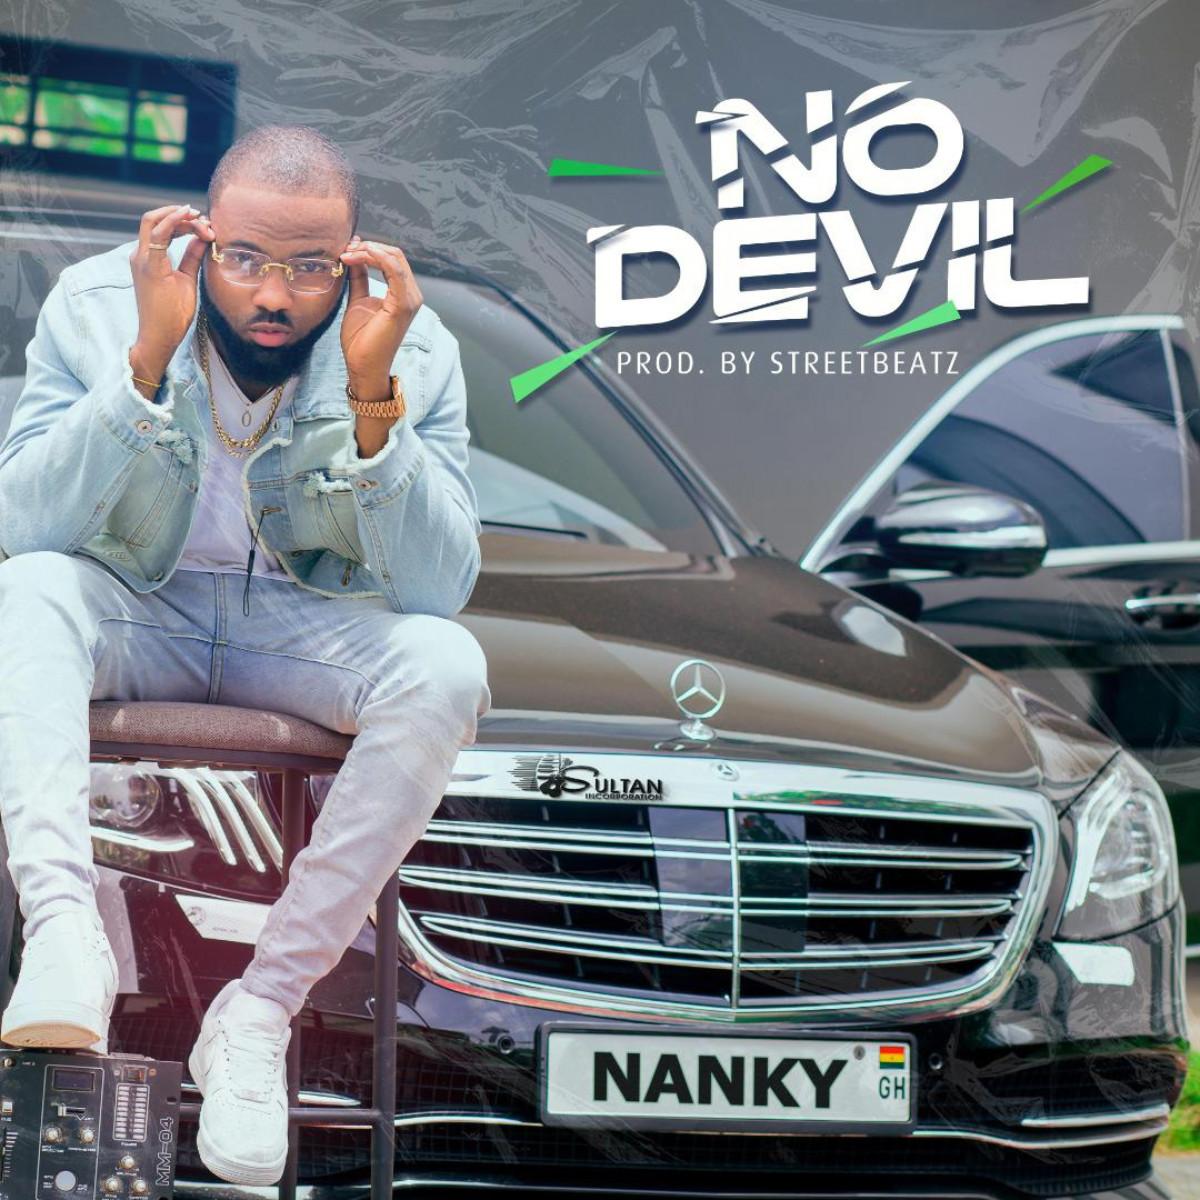 No Devil by Nanky